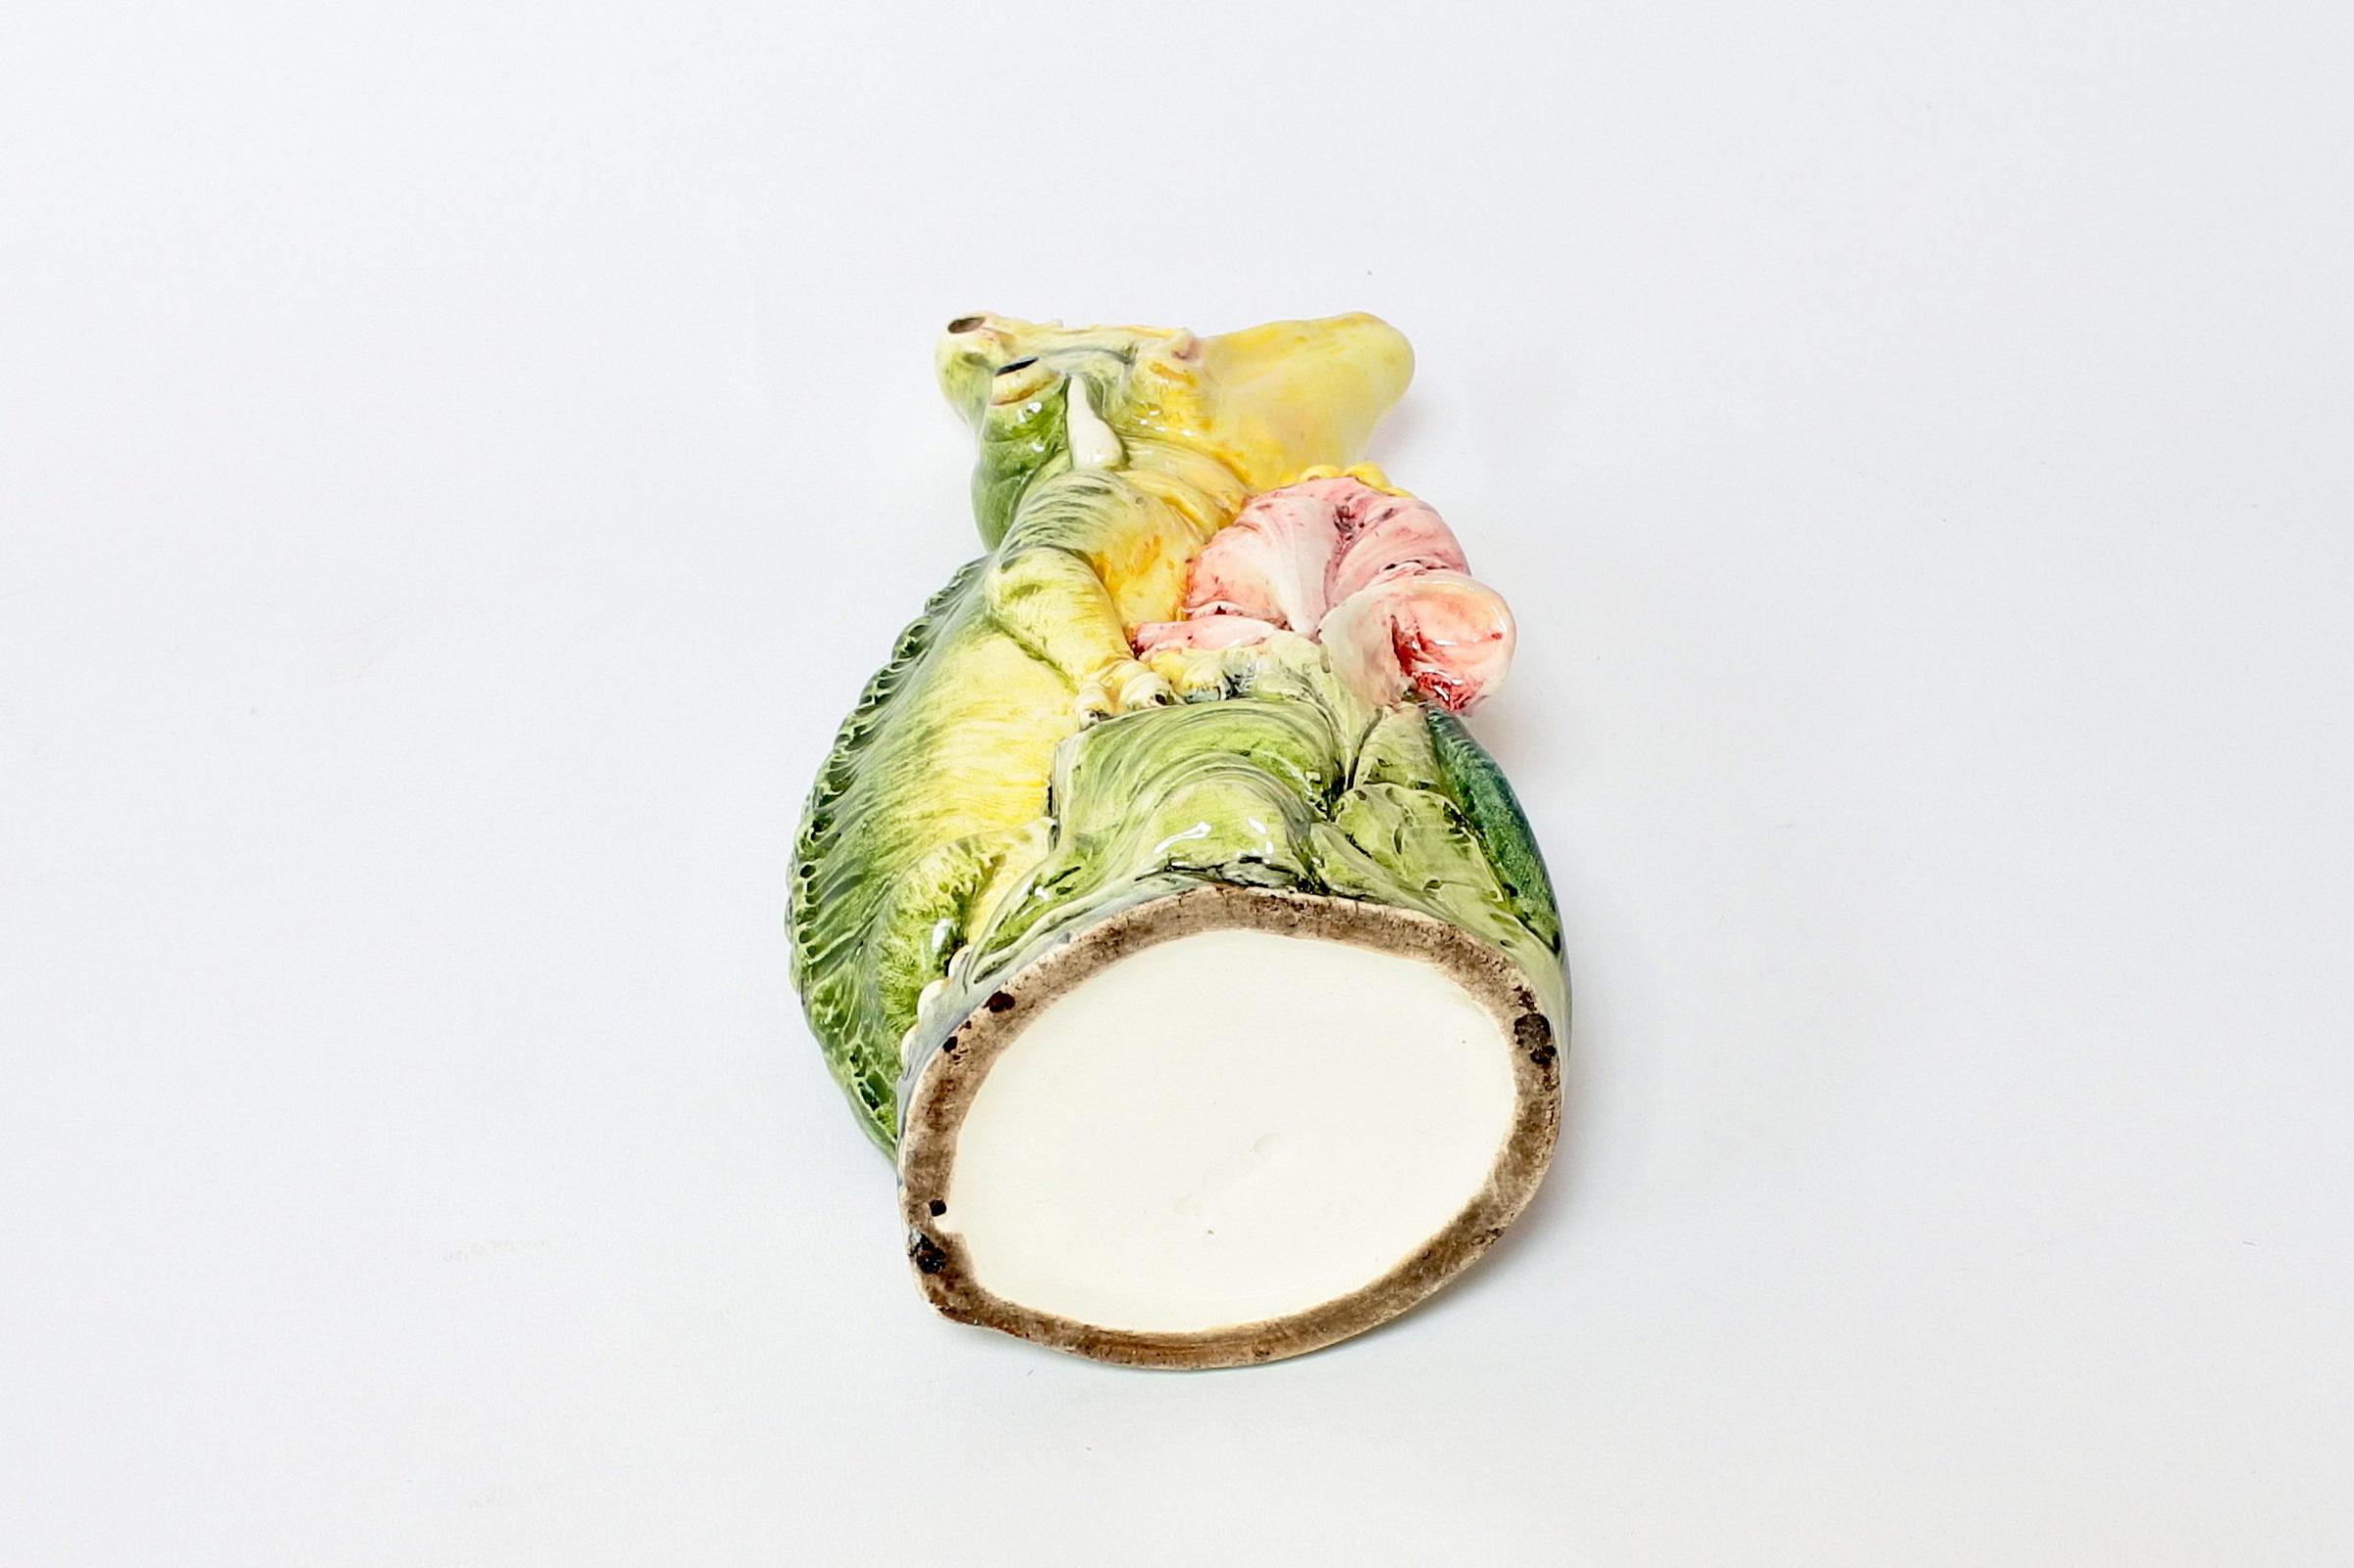 Vaso in ceramica barbotine a forma di coccodrillo con fiore blu frontale - 6